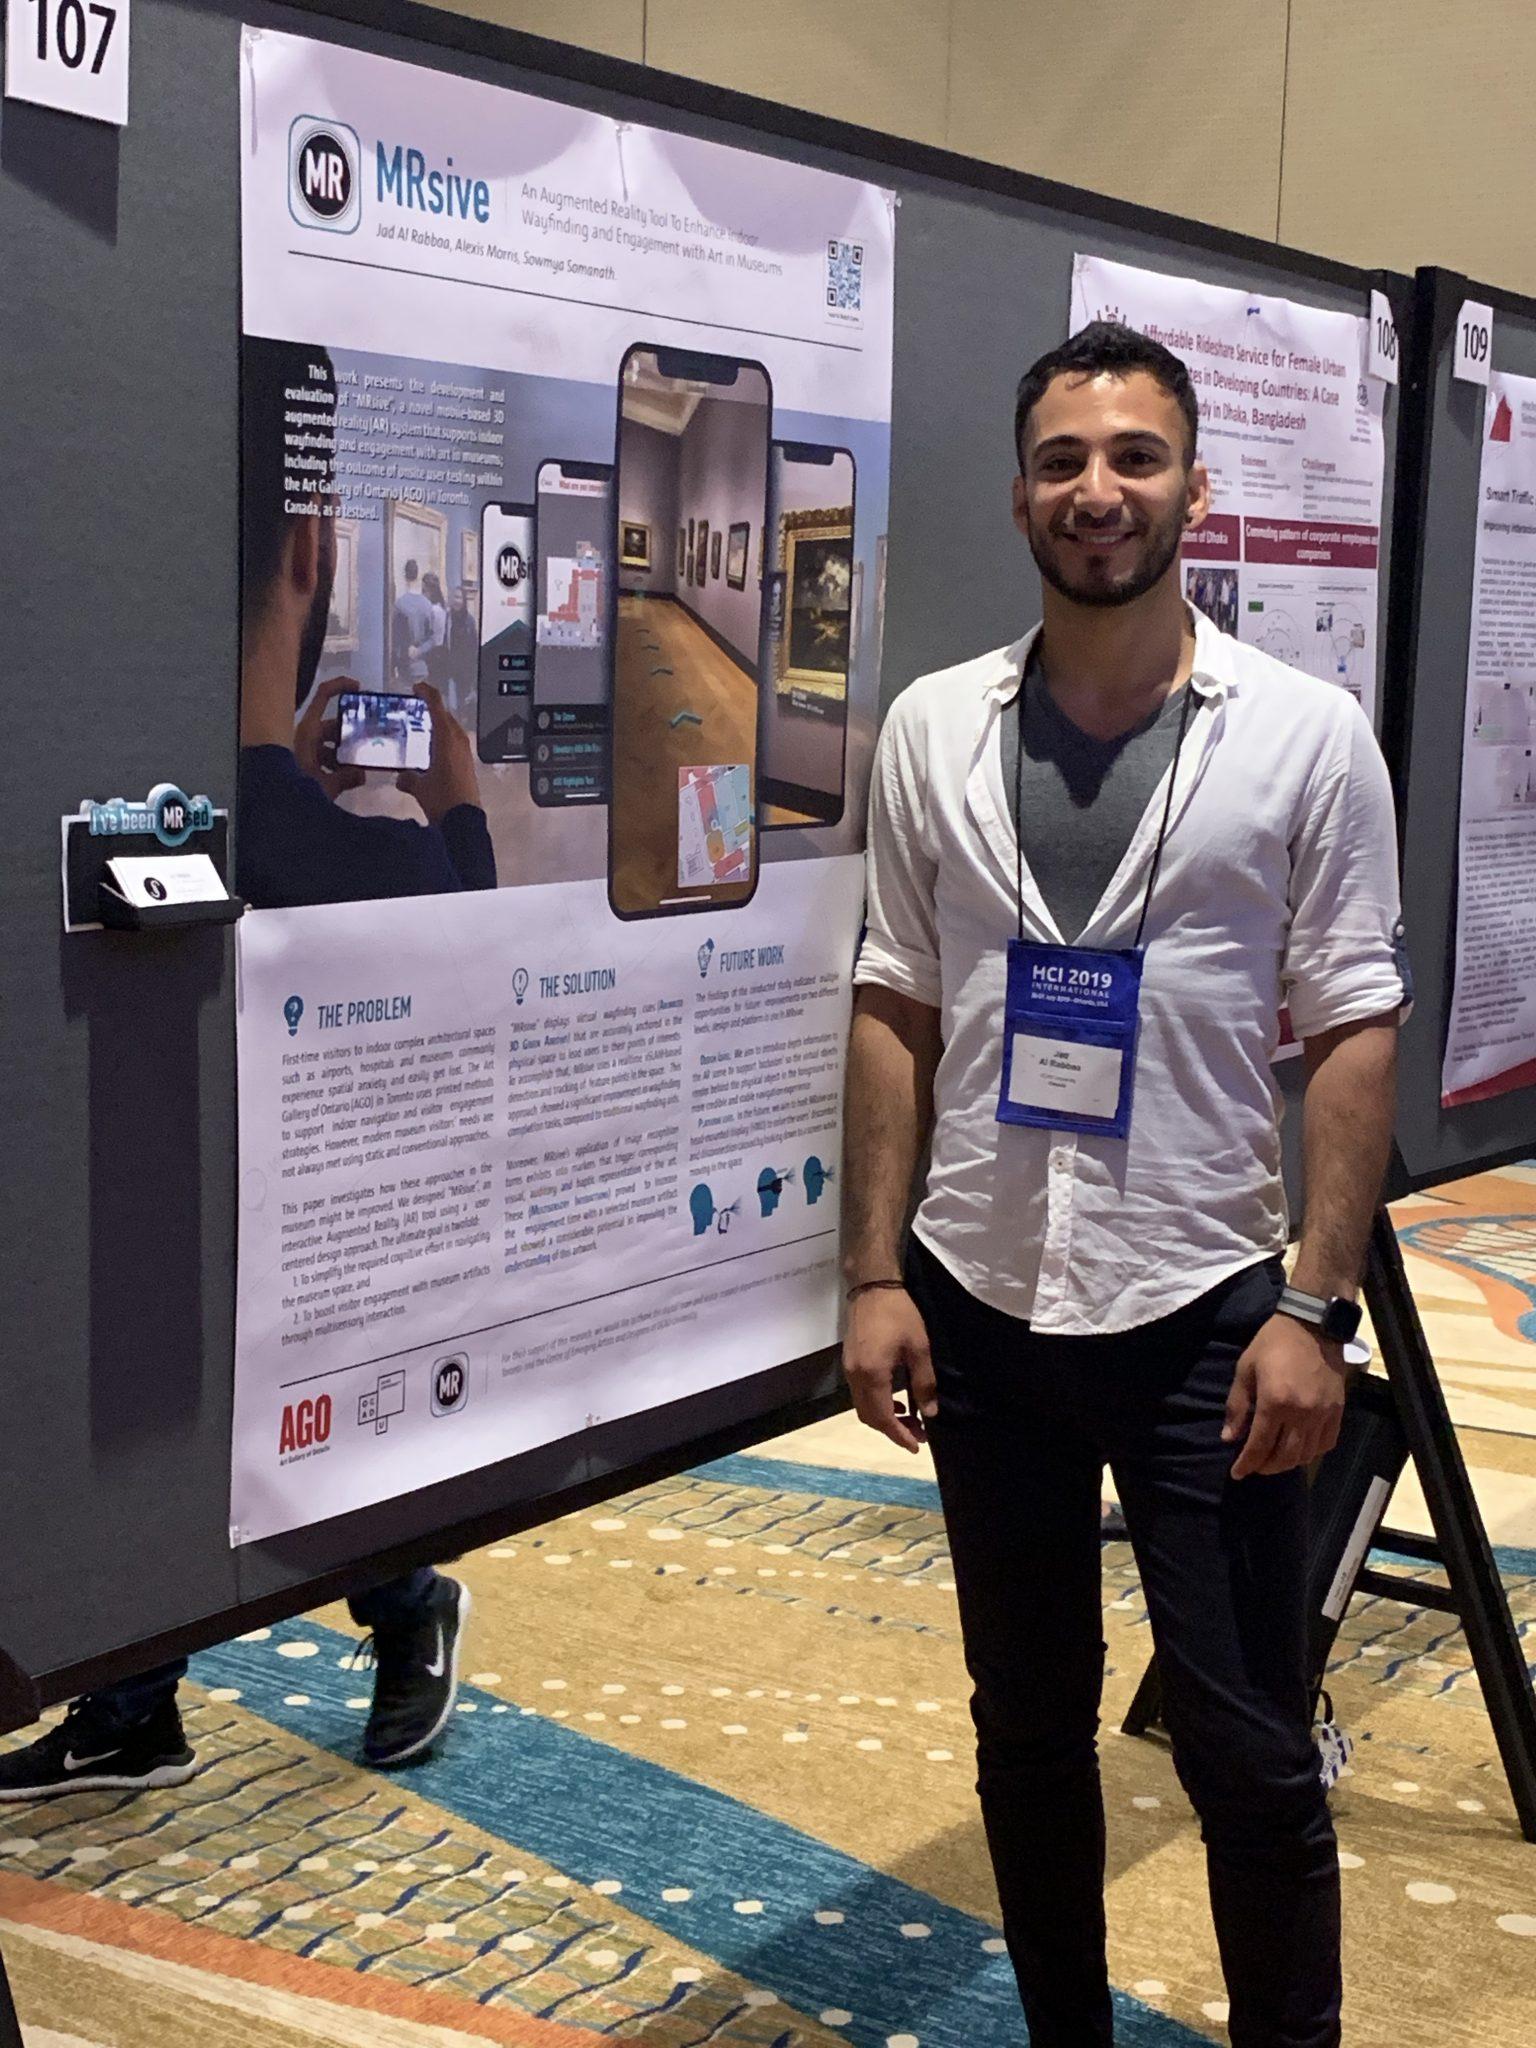 """Jad Al Rabbaa (Digital Futures, MDes 2019) Presents his research project, """"MRsive"""" at HCII 2019"""